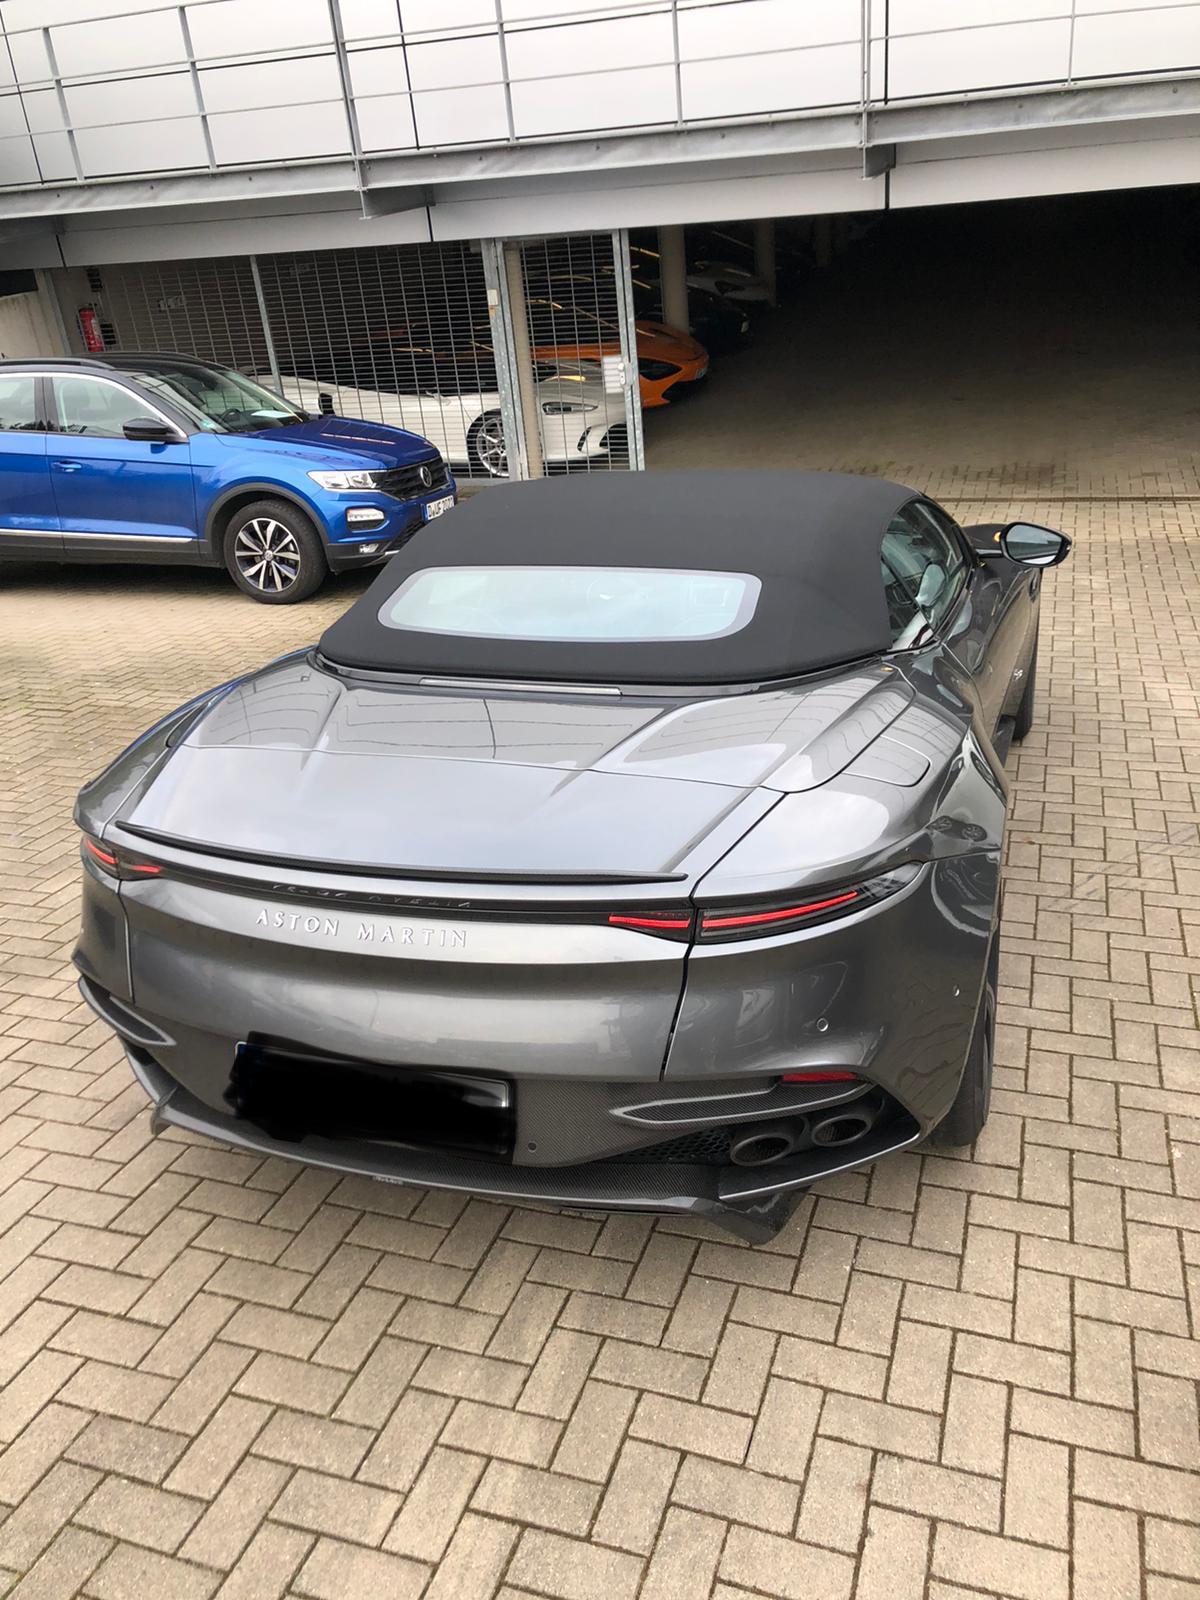 Vorführwagen Cabriolet Aston Martin Dbs Superleggera Volante 5 2 V12 Bi Turbo Km1500 Magnetic Silver 1500 Km Für 315000 Chf Kaufen Auf Carforyou Ch